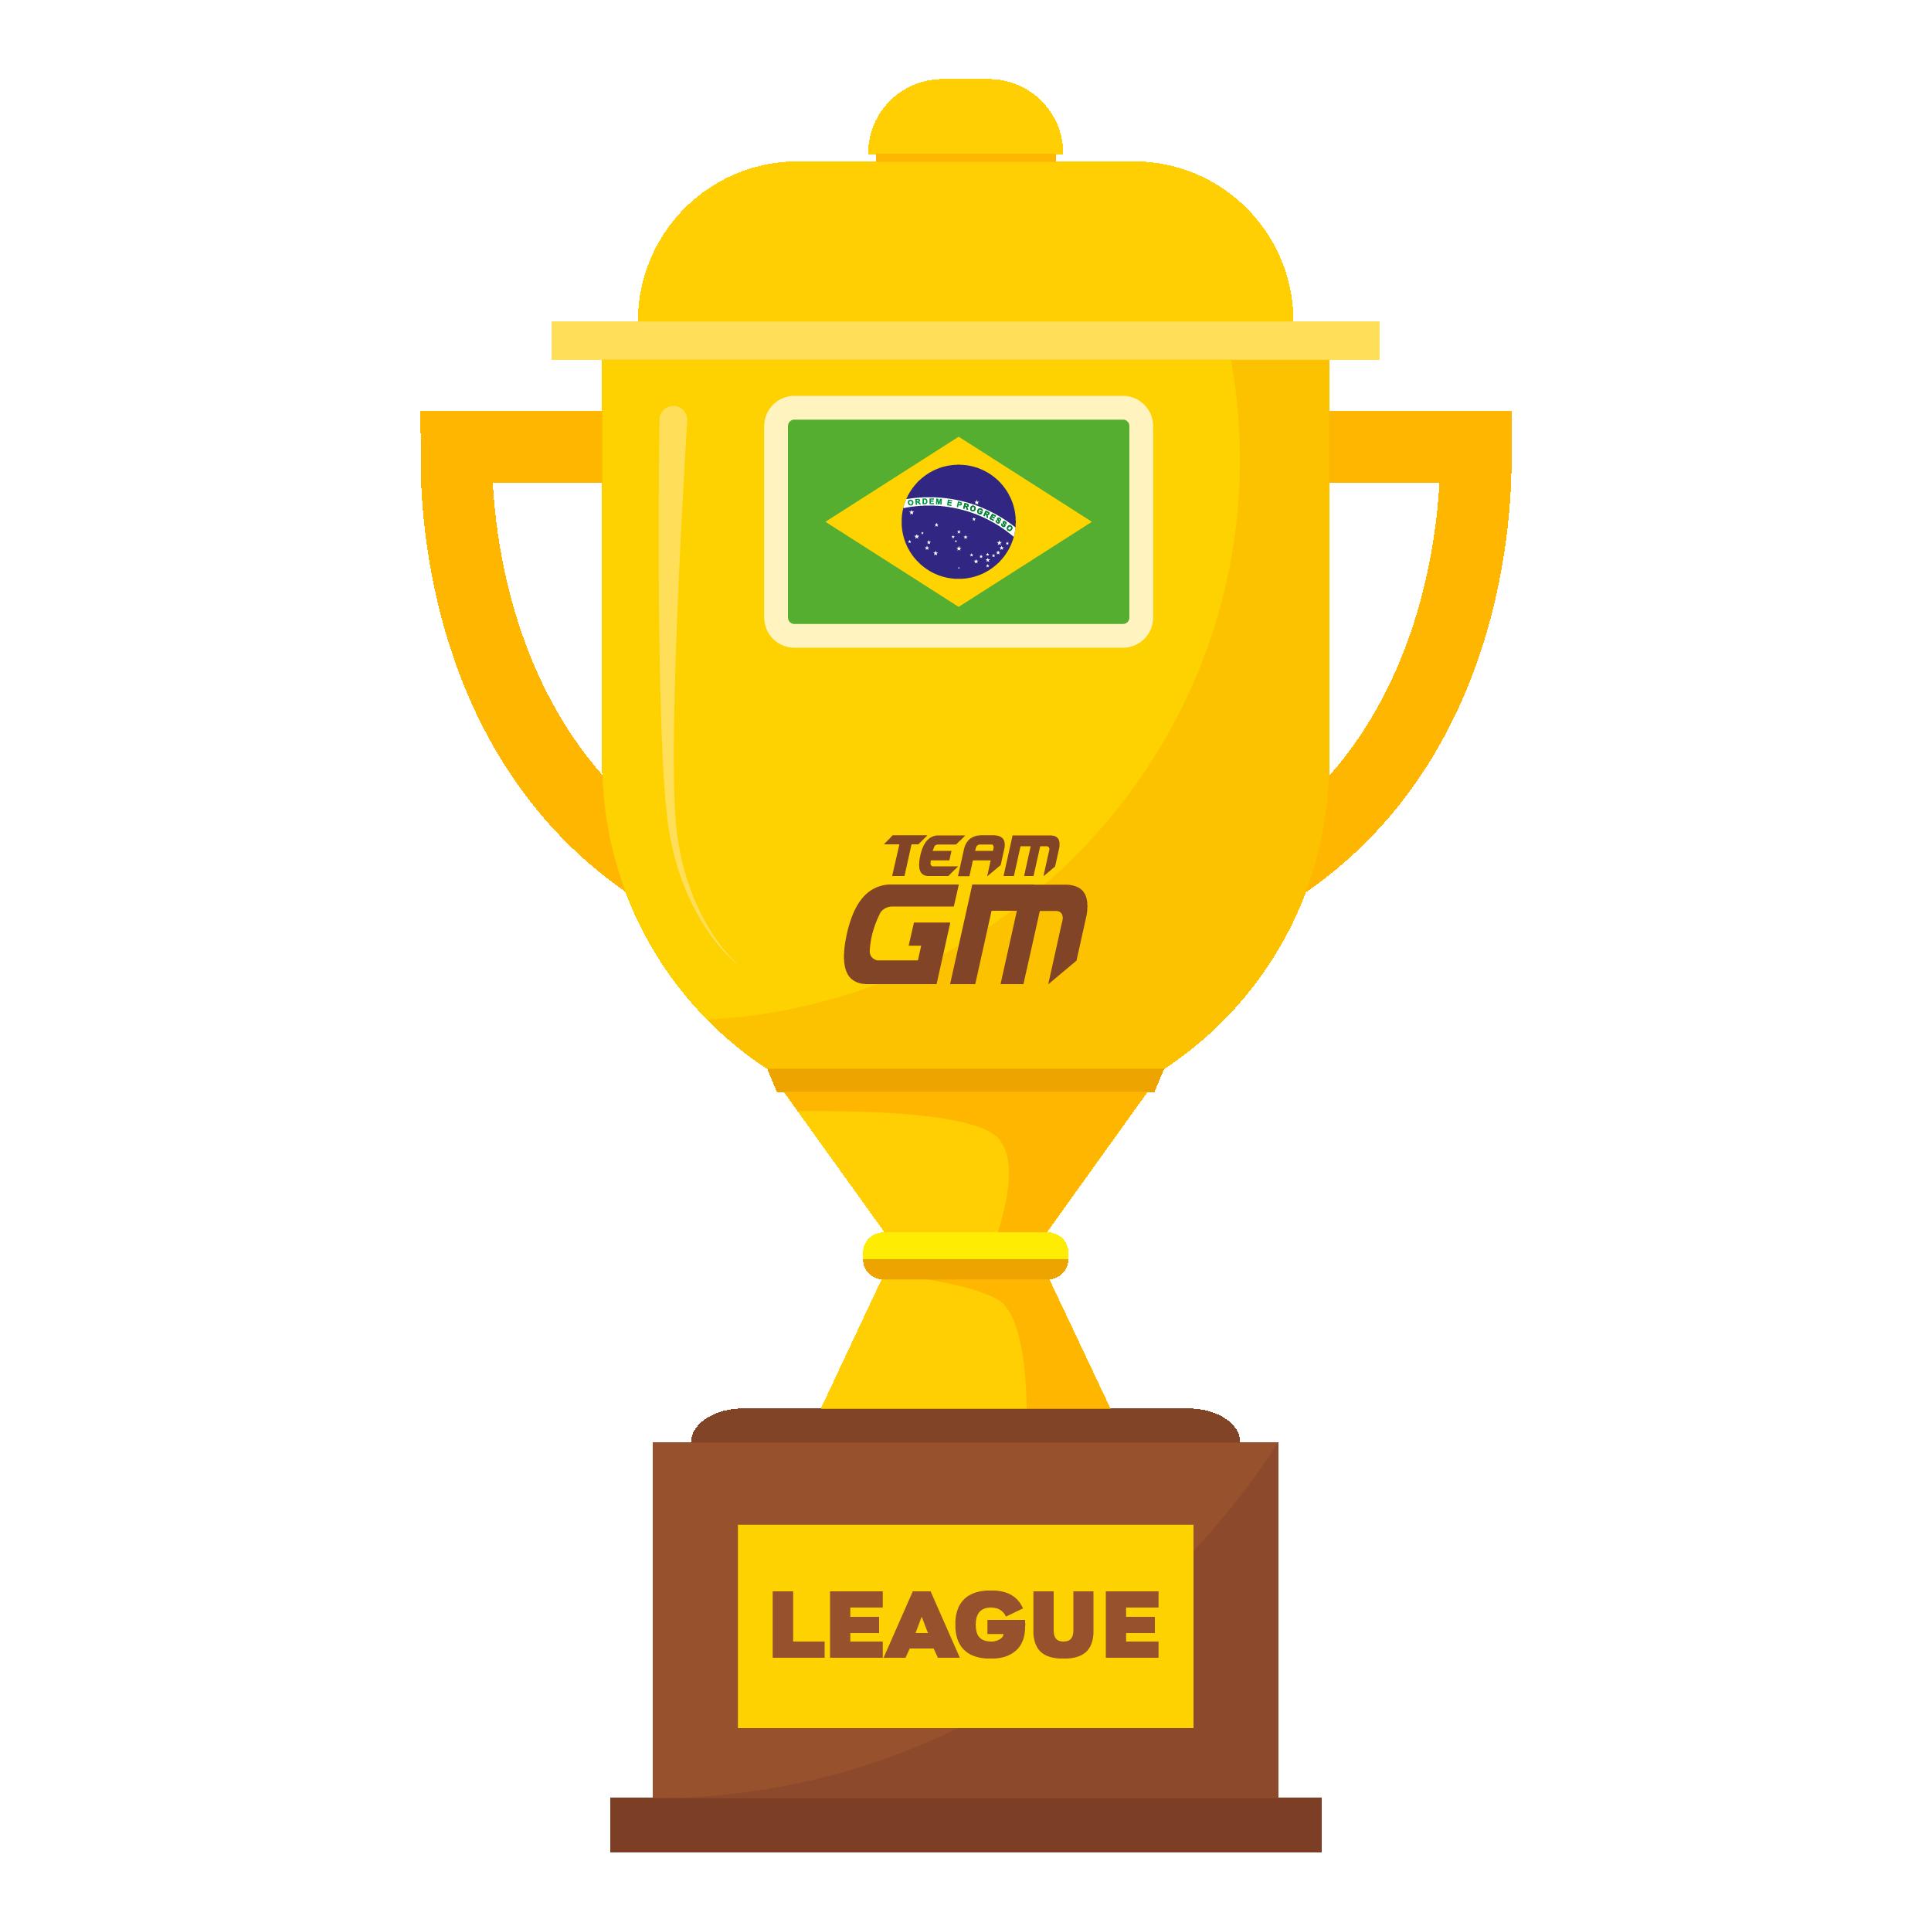 4TH - BRAZILIAN SUPERLEAGUE